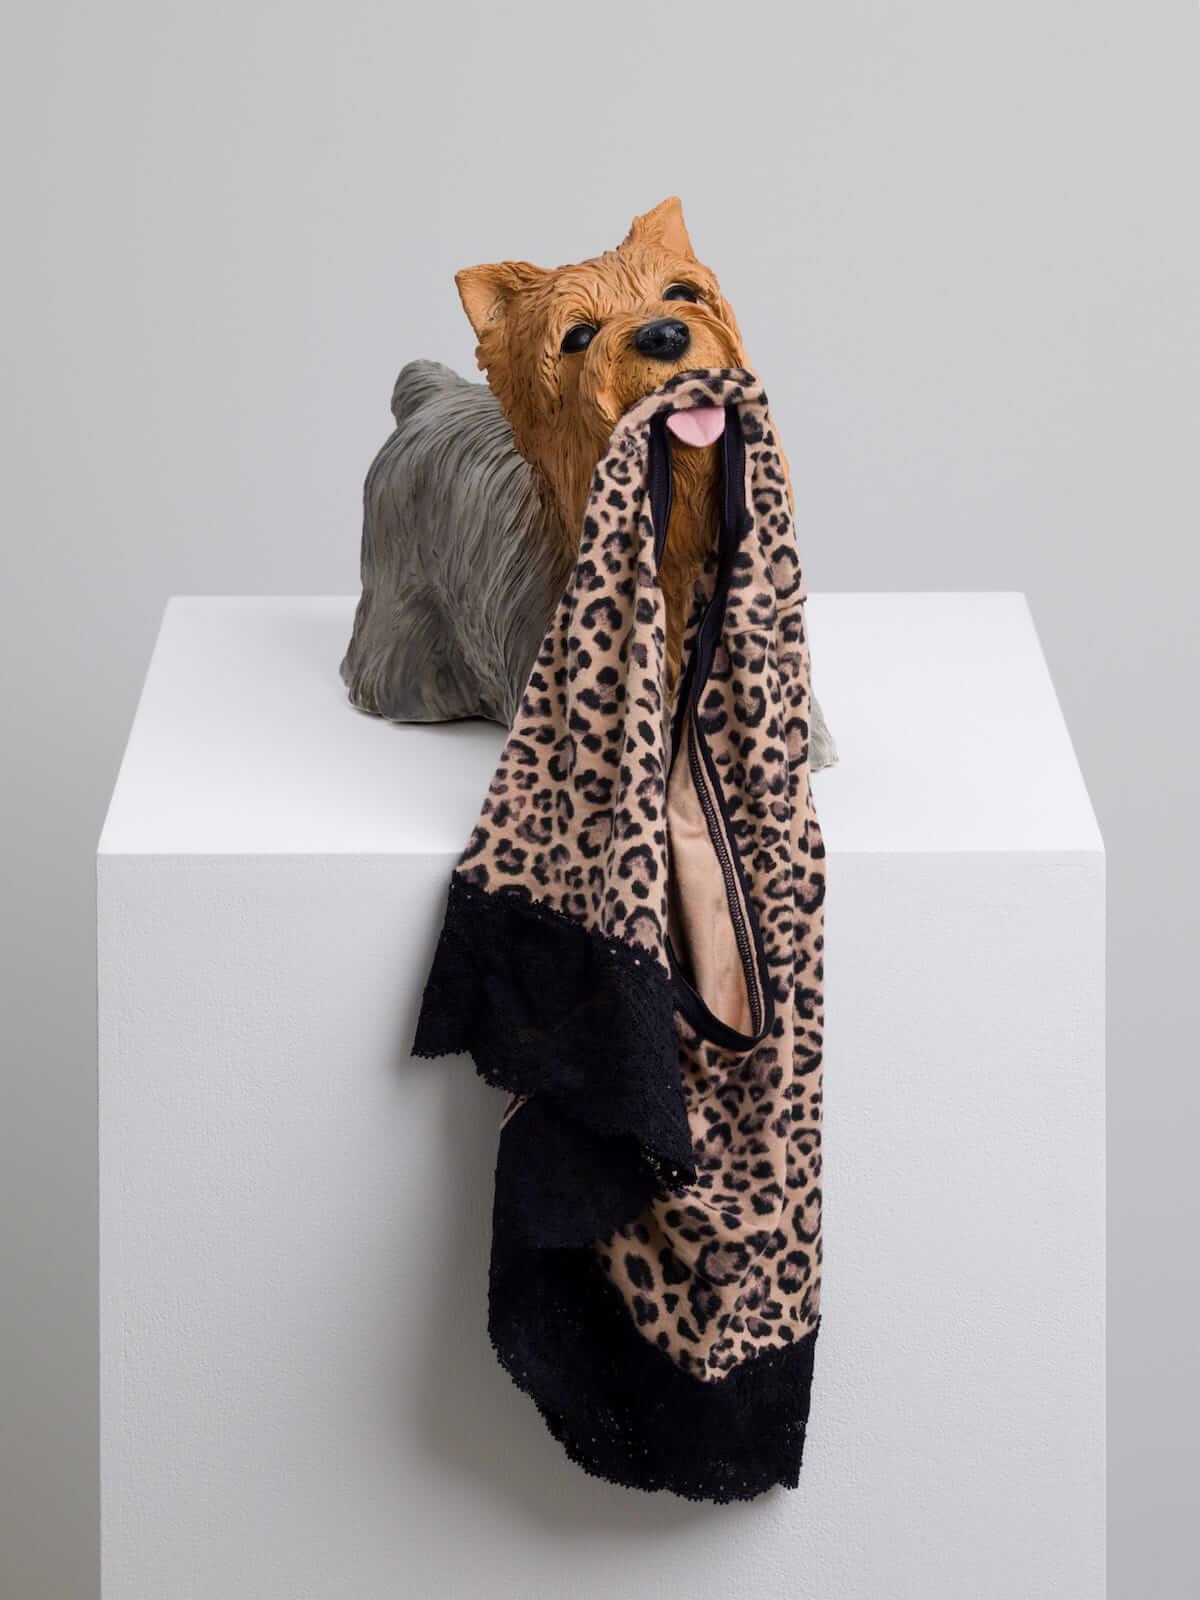 現代美術アーティスト・加賀美健の回顧展が池袋PARCOで開催 art_culture180810-kenkagami-4-1200x1600